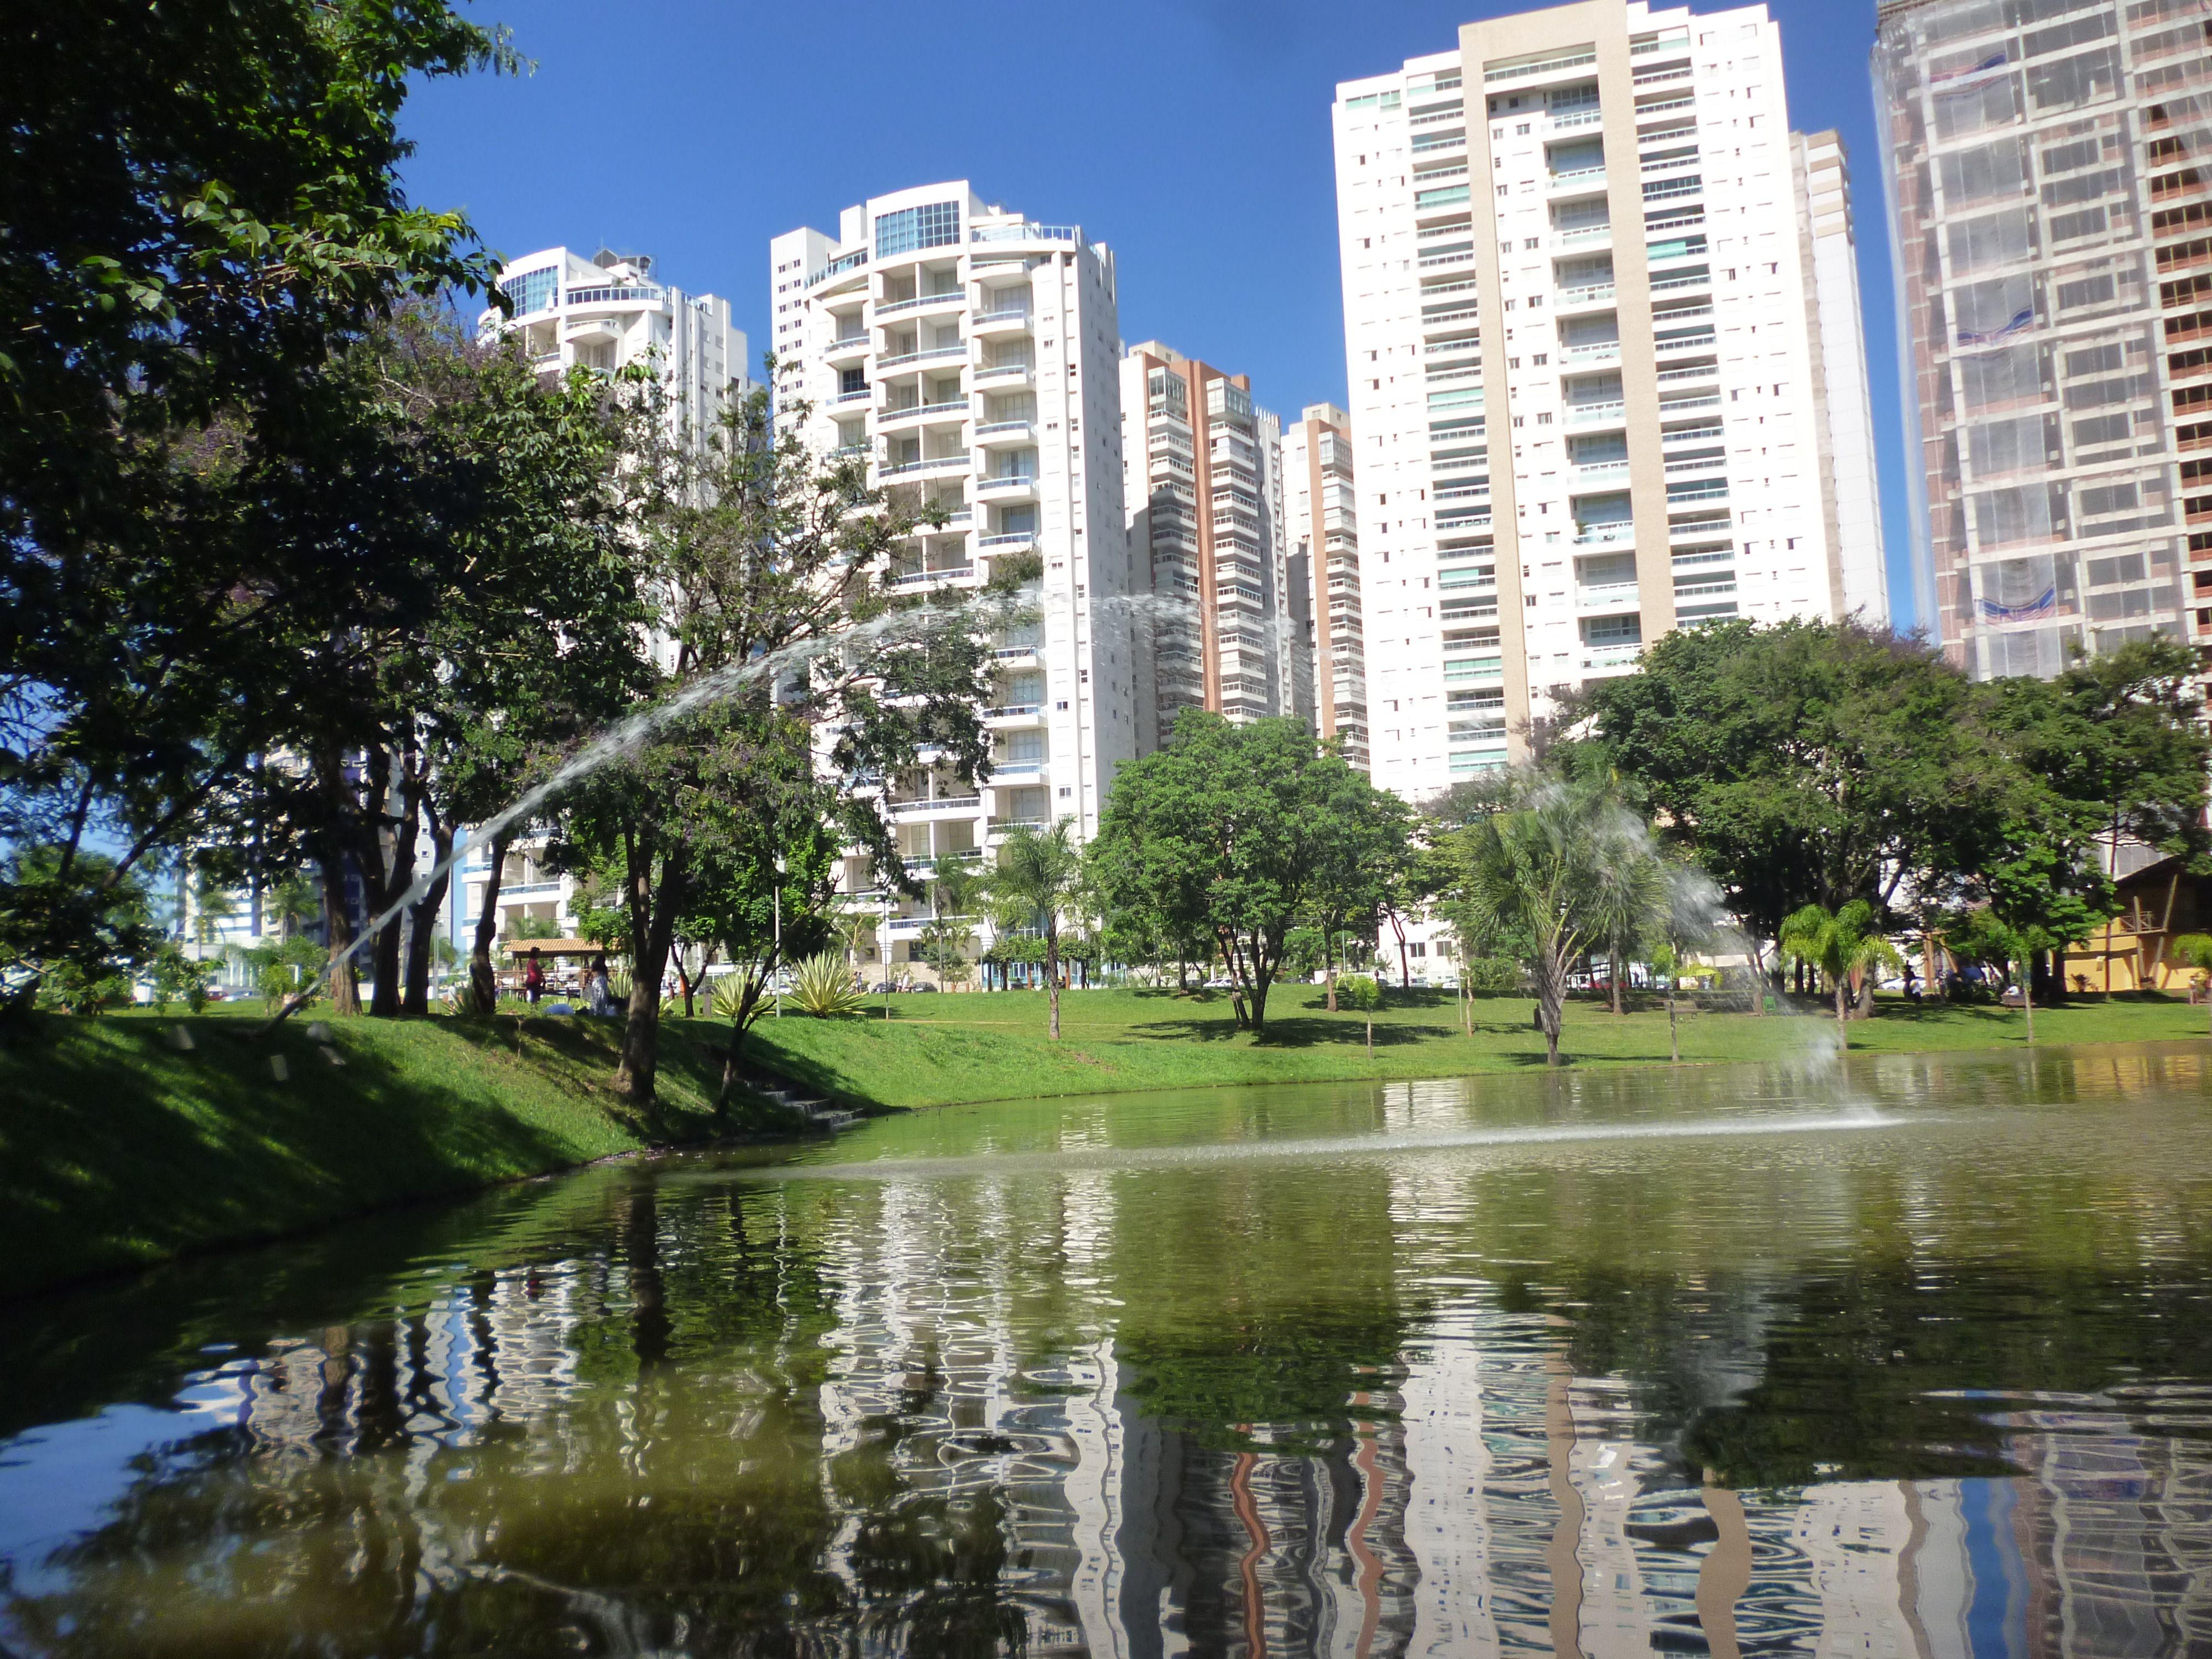 #Goiania #JardimGoias #Brazil #robelyoalves